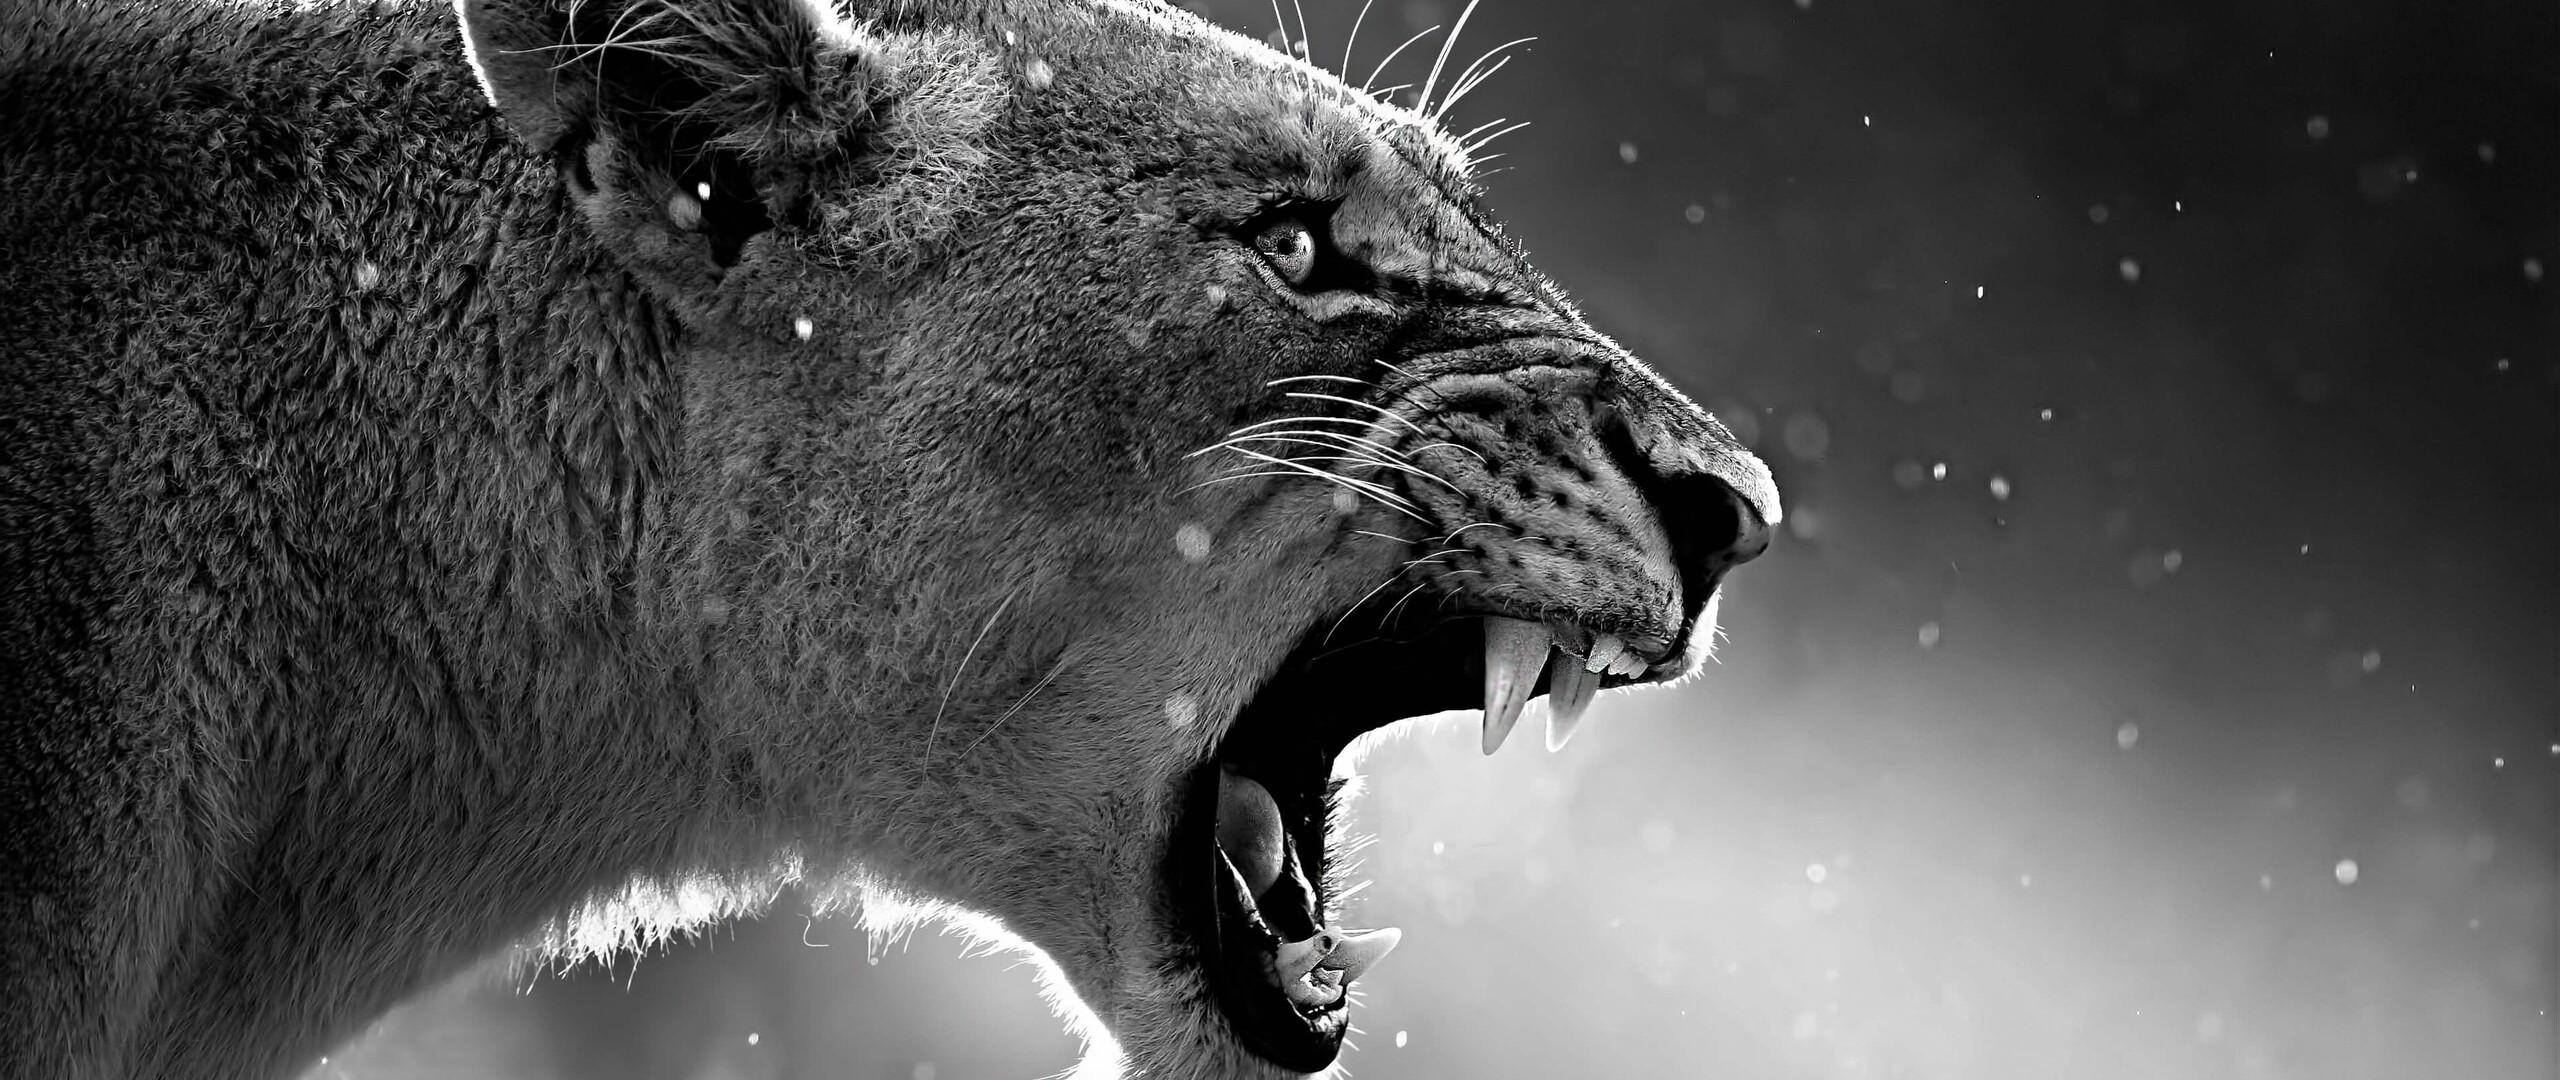 lion-roaring.jpg